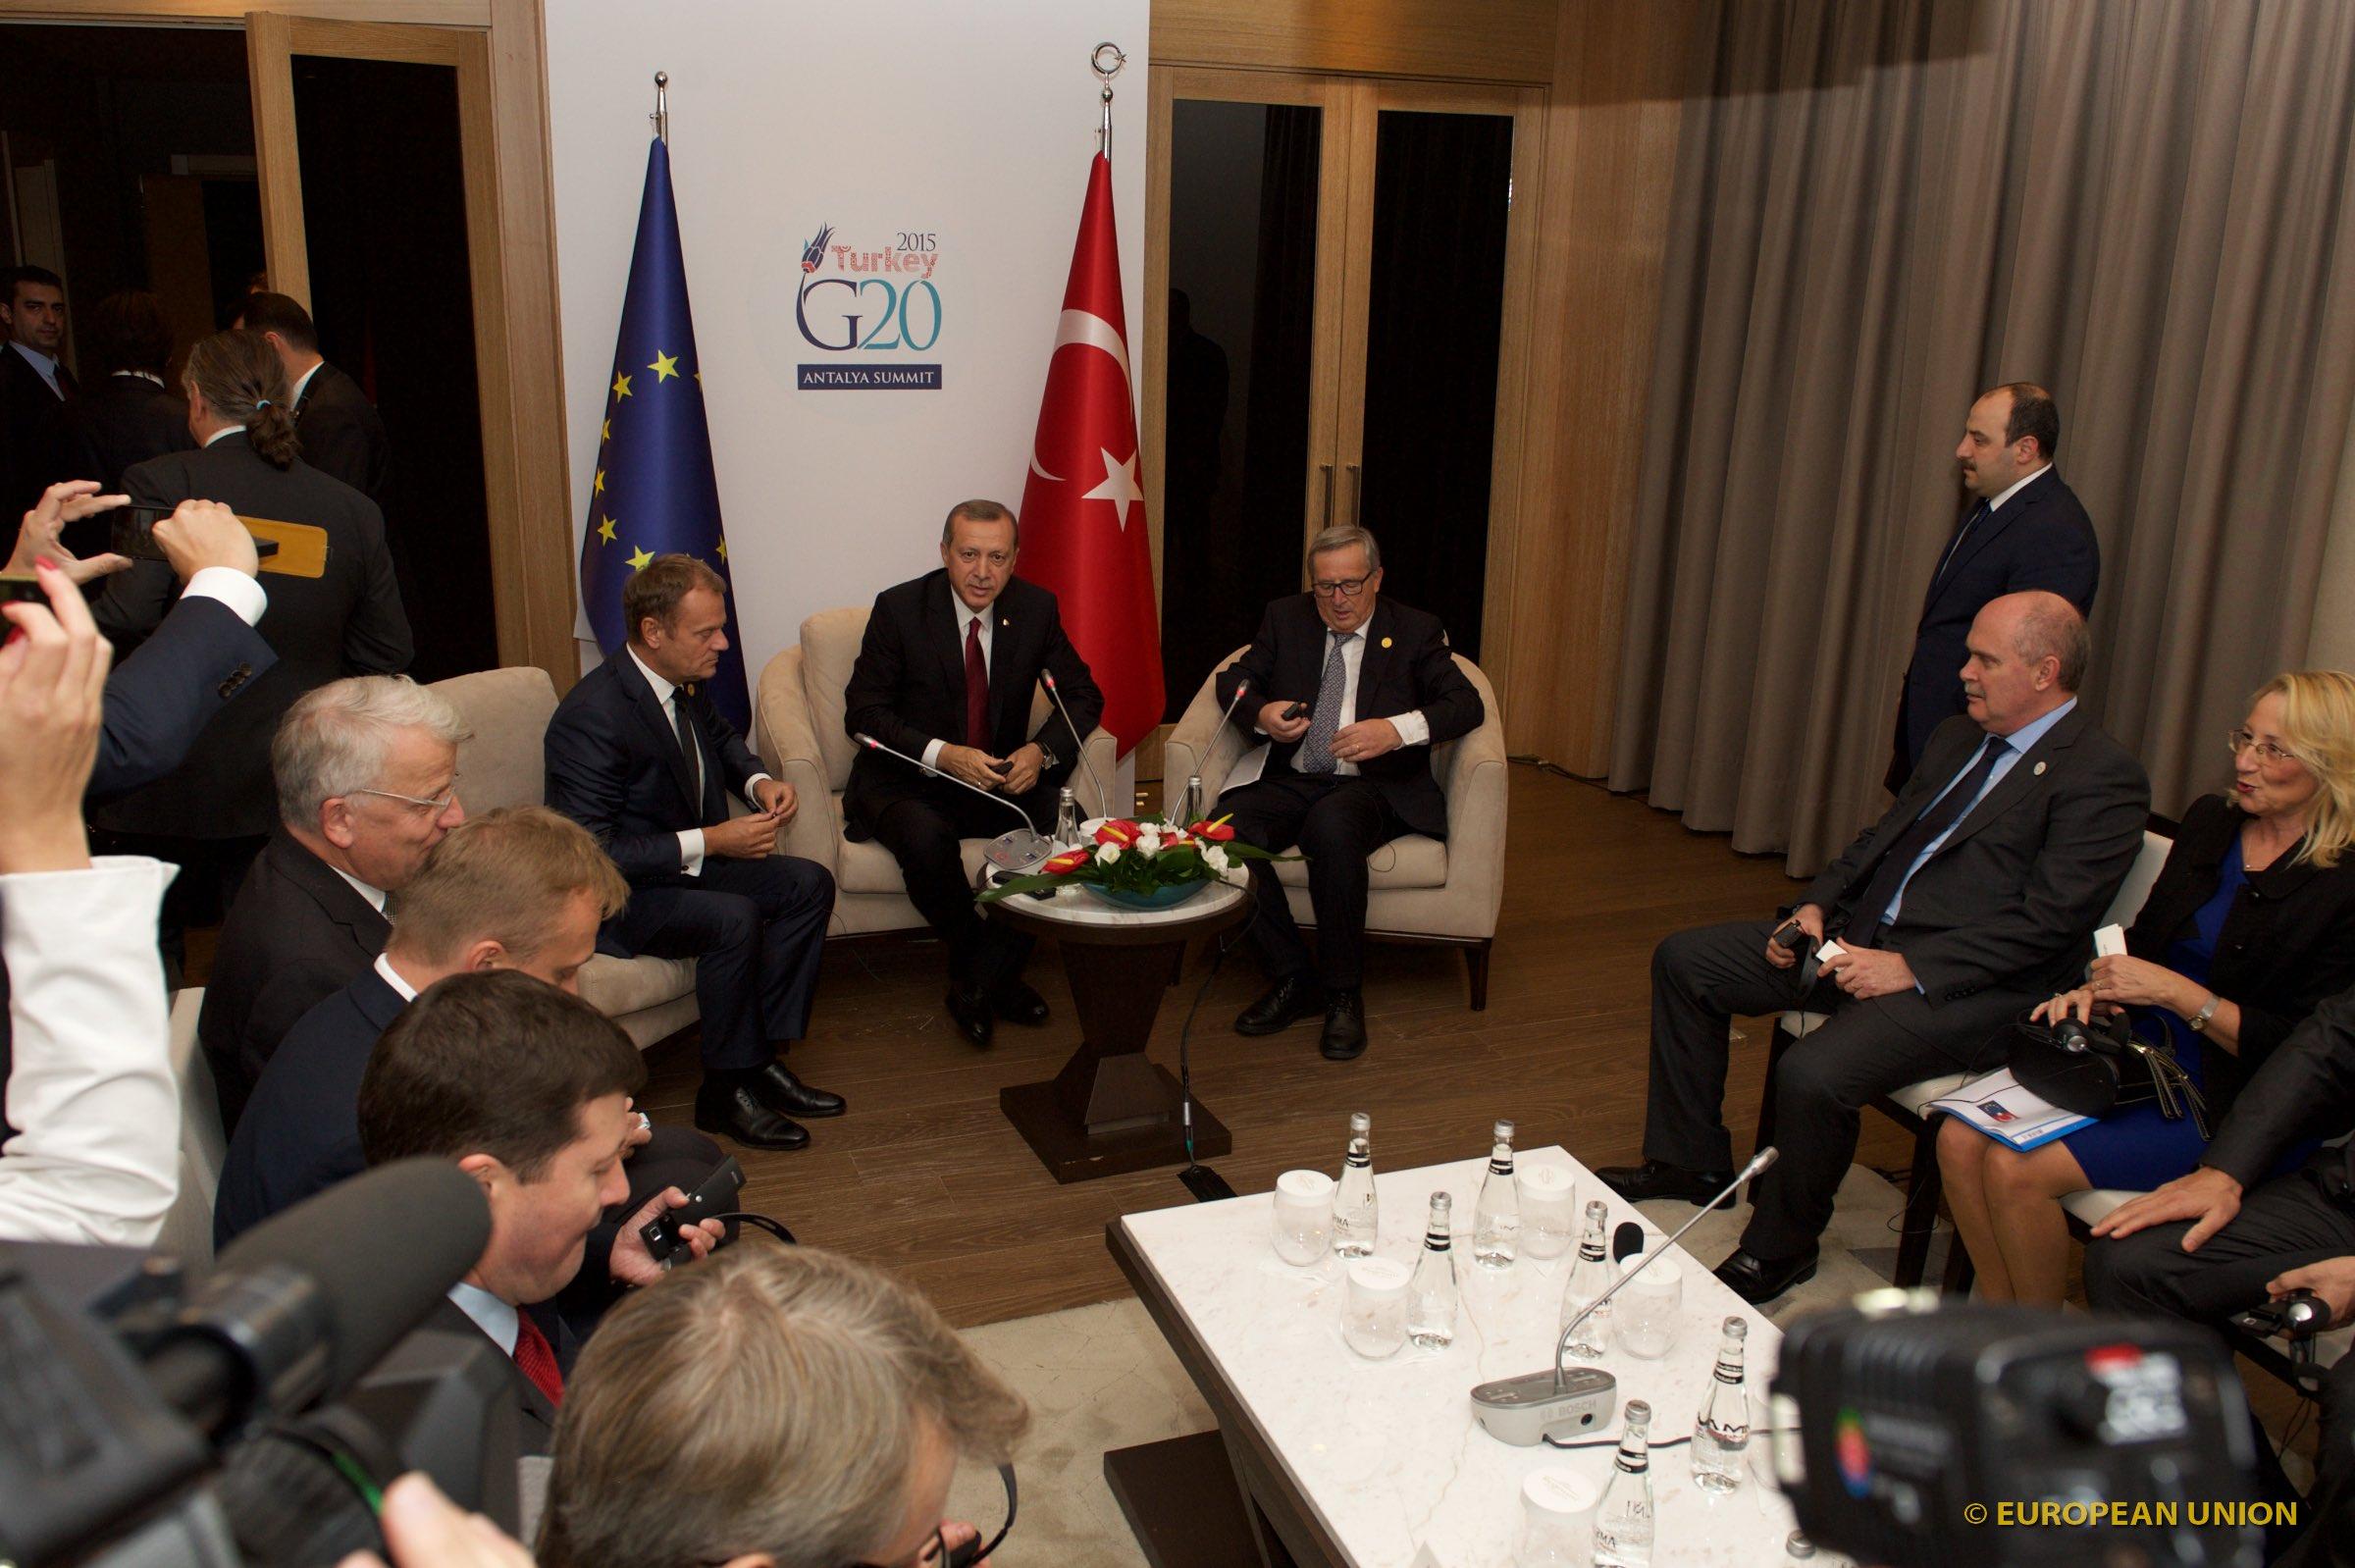 Bei ähnlichen Gesprächen mit den jeweiligen Vorgängern Jean-Claude Juncker und Donald Tusk saß man stets zu dritt auf Augenhöhe. Foto: The European Union